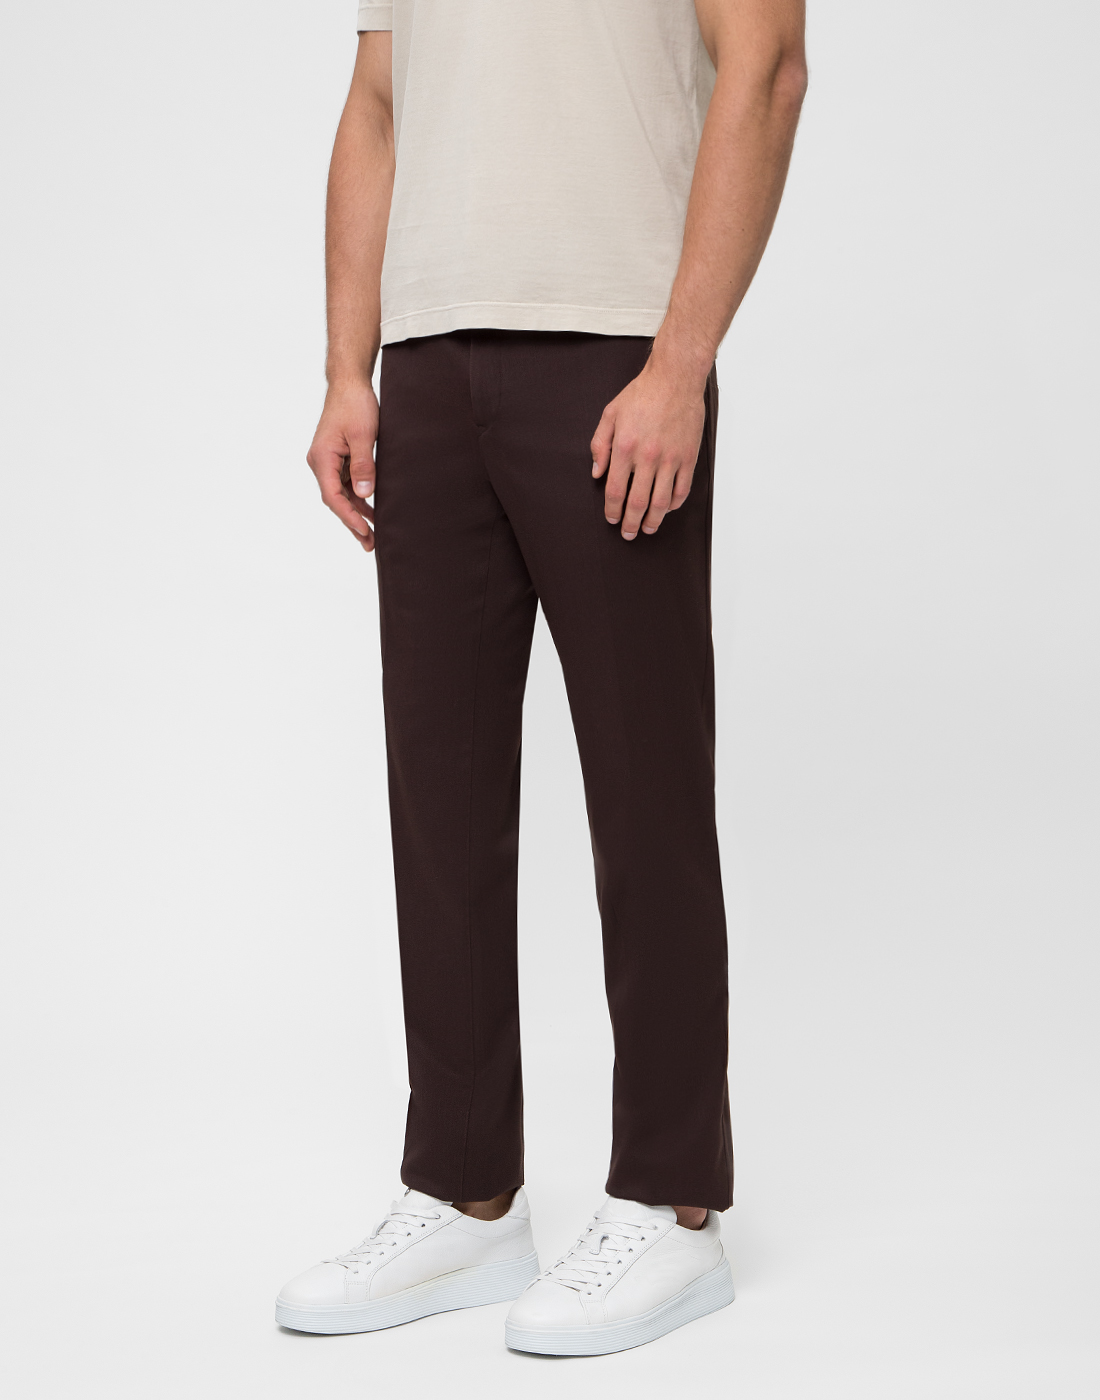 Мужские коричневые шерстяные брюки PT SIX17 0180-3